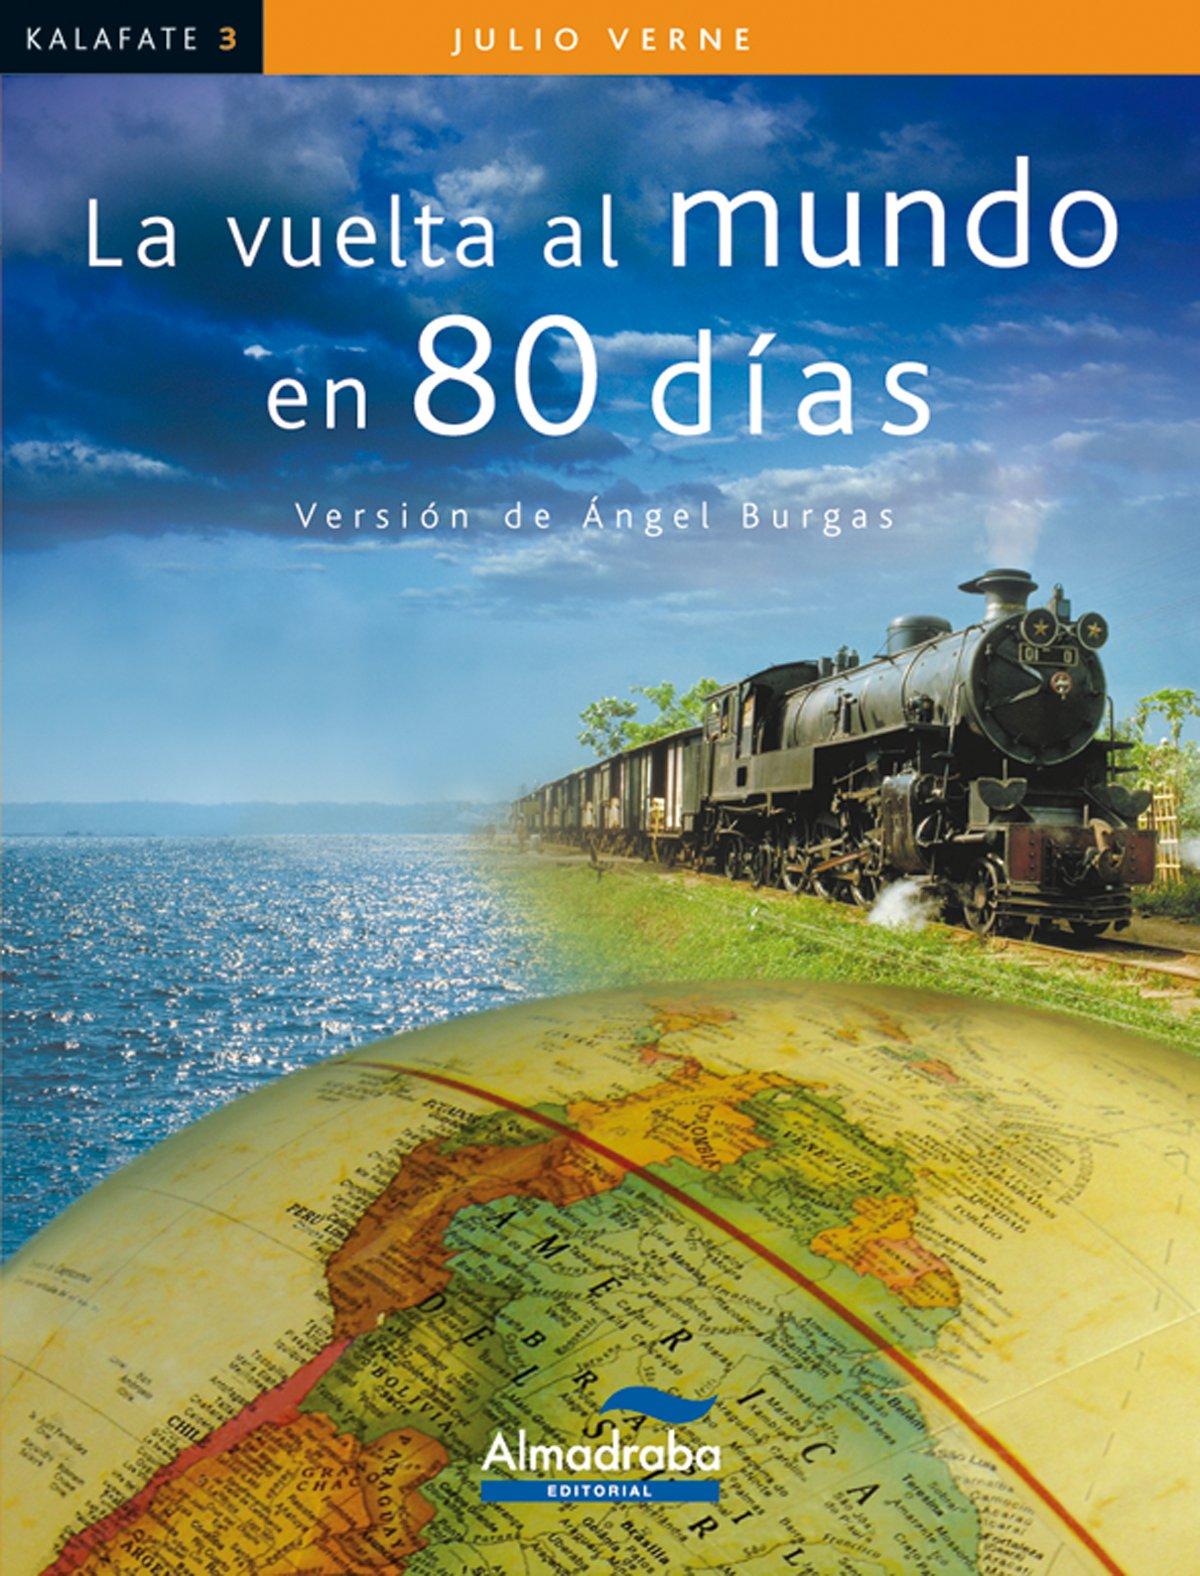 La vuelta al mundo en 80 días (2004) - FilmAffinity